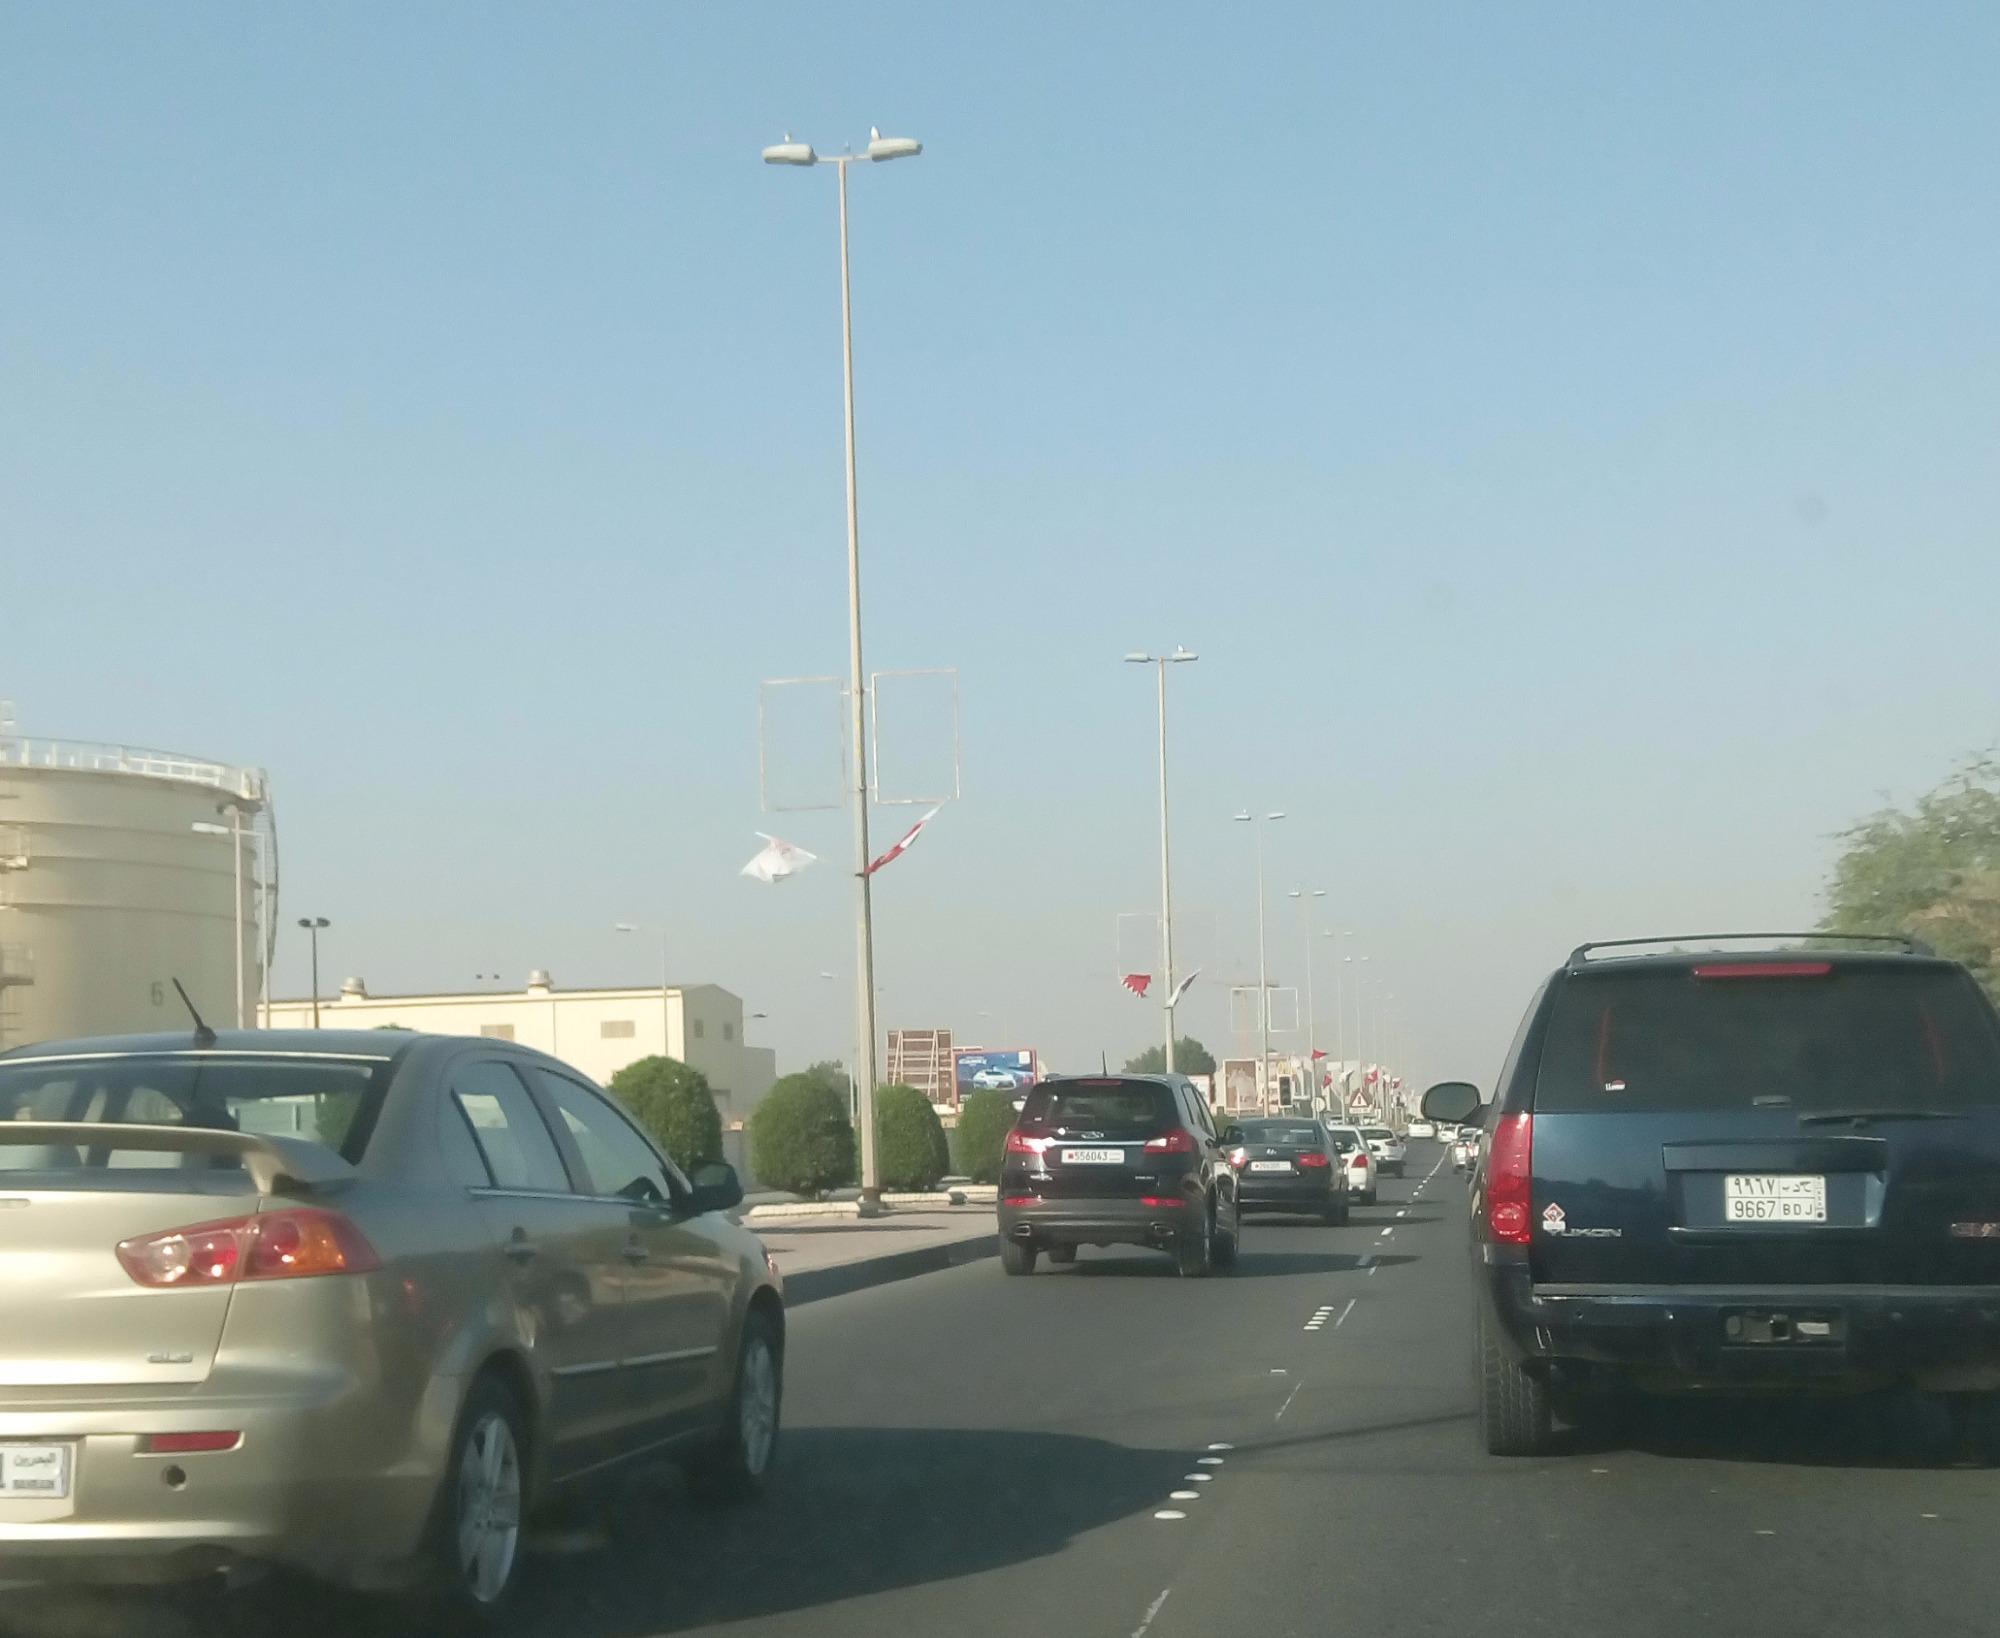 الازدحامات المرورية على شارع الرفاع باتجاه مدينة حمد